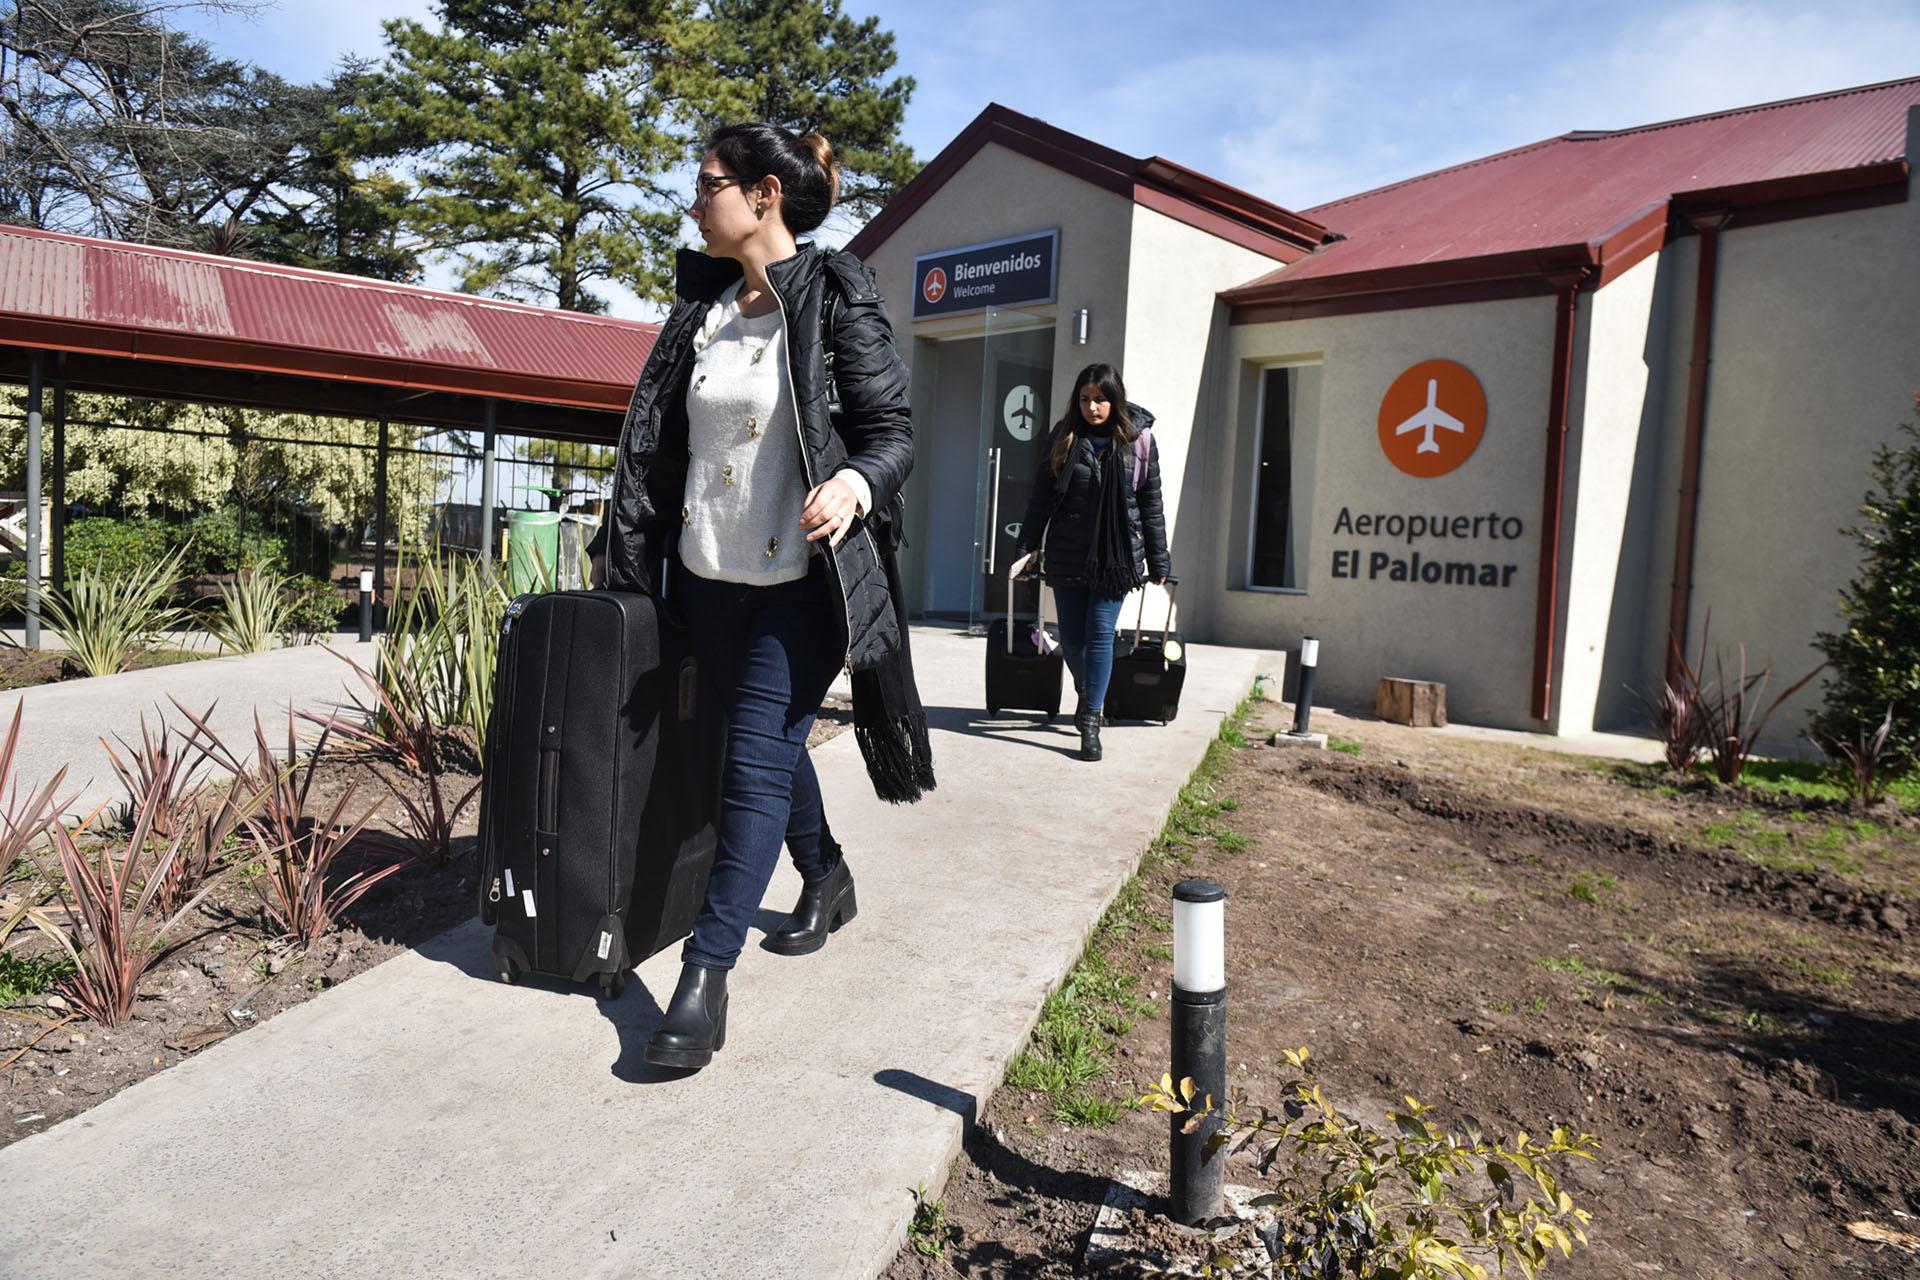 En el primer semestre, más de 360 mil pasajeros volaron en Flybondi (Fotos Guille Llamos)